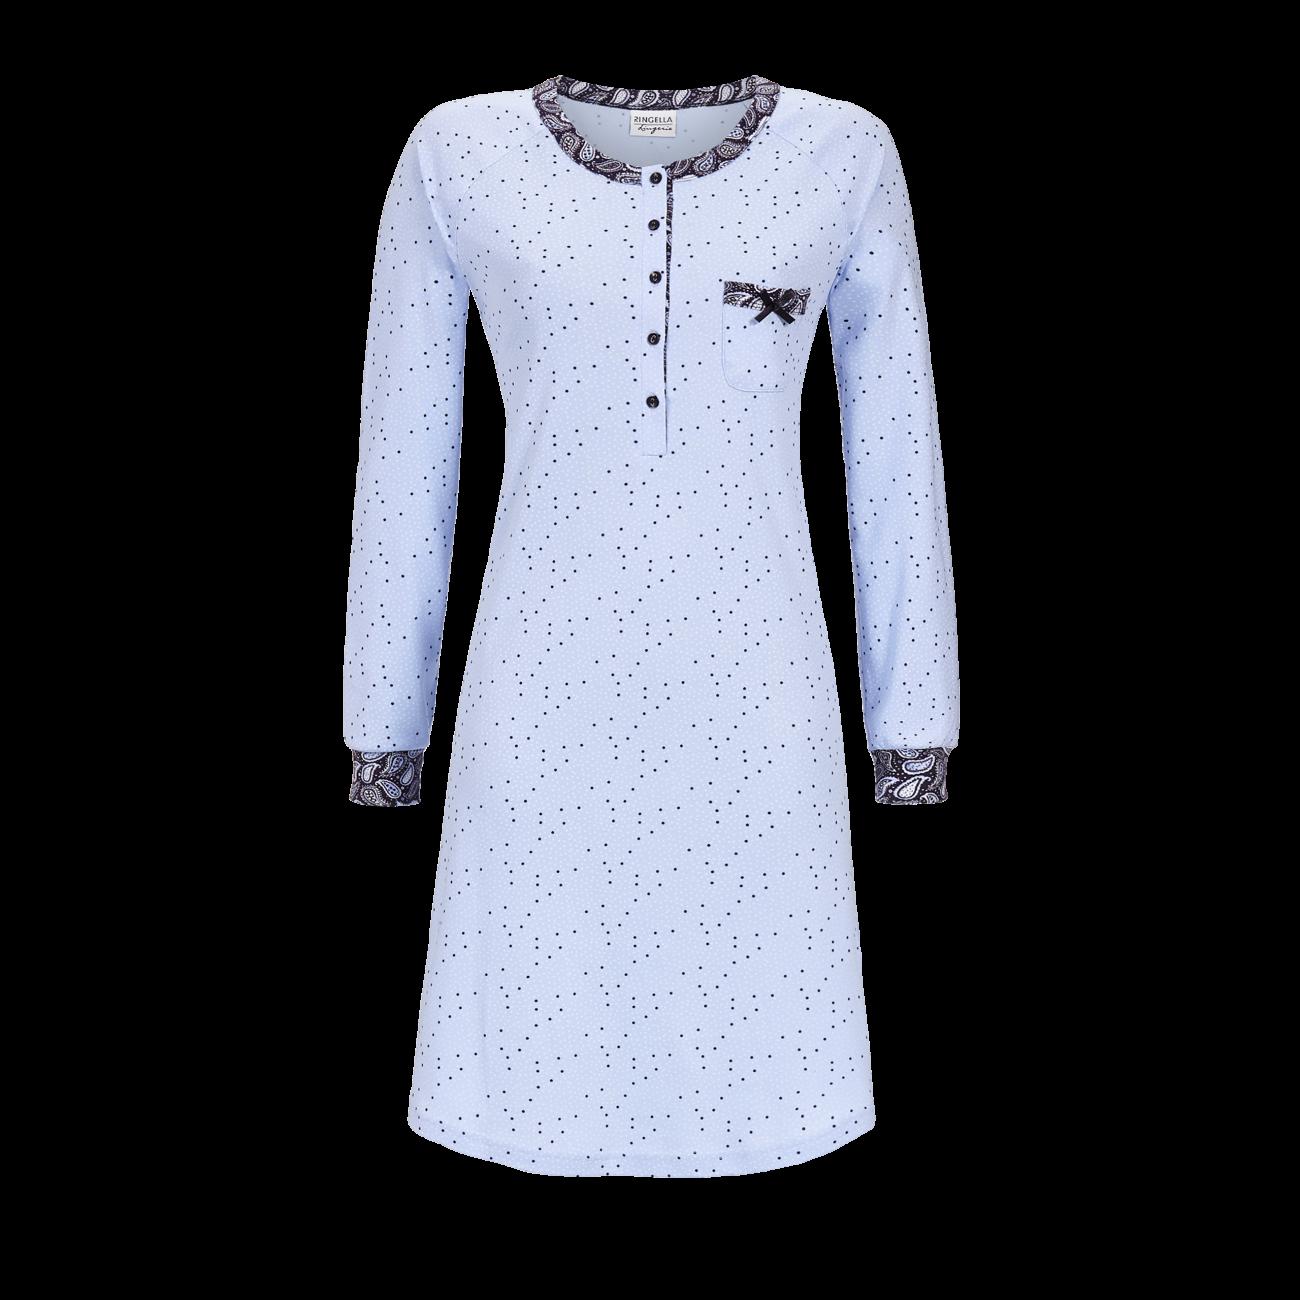 Nachthemd mit Punktdessin